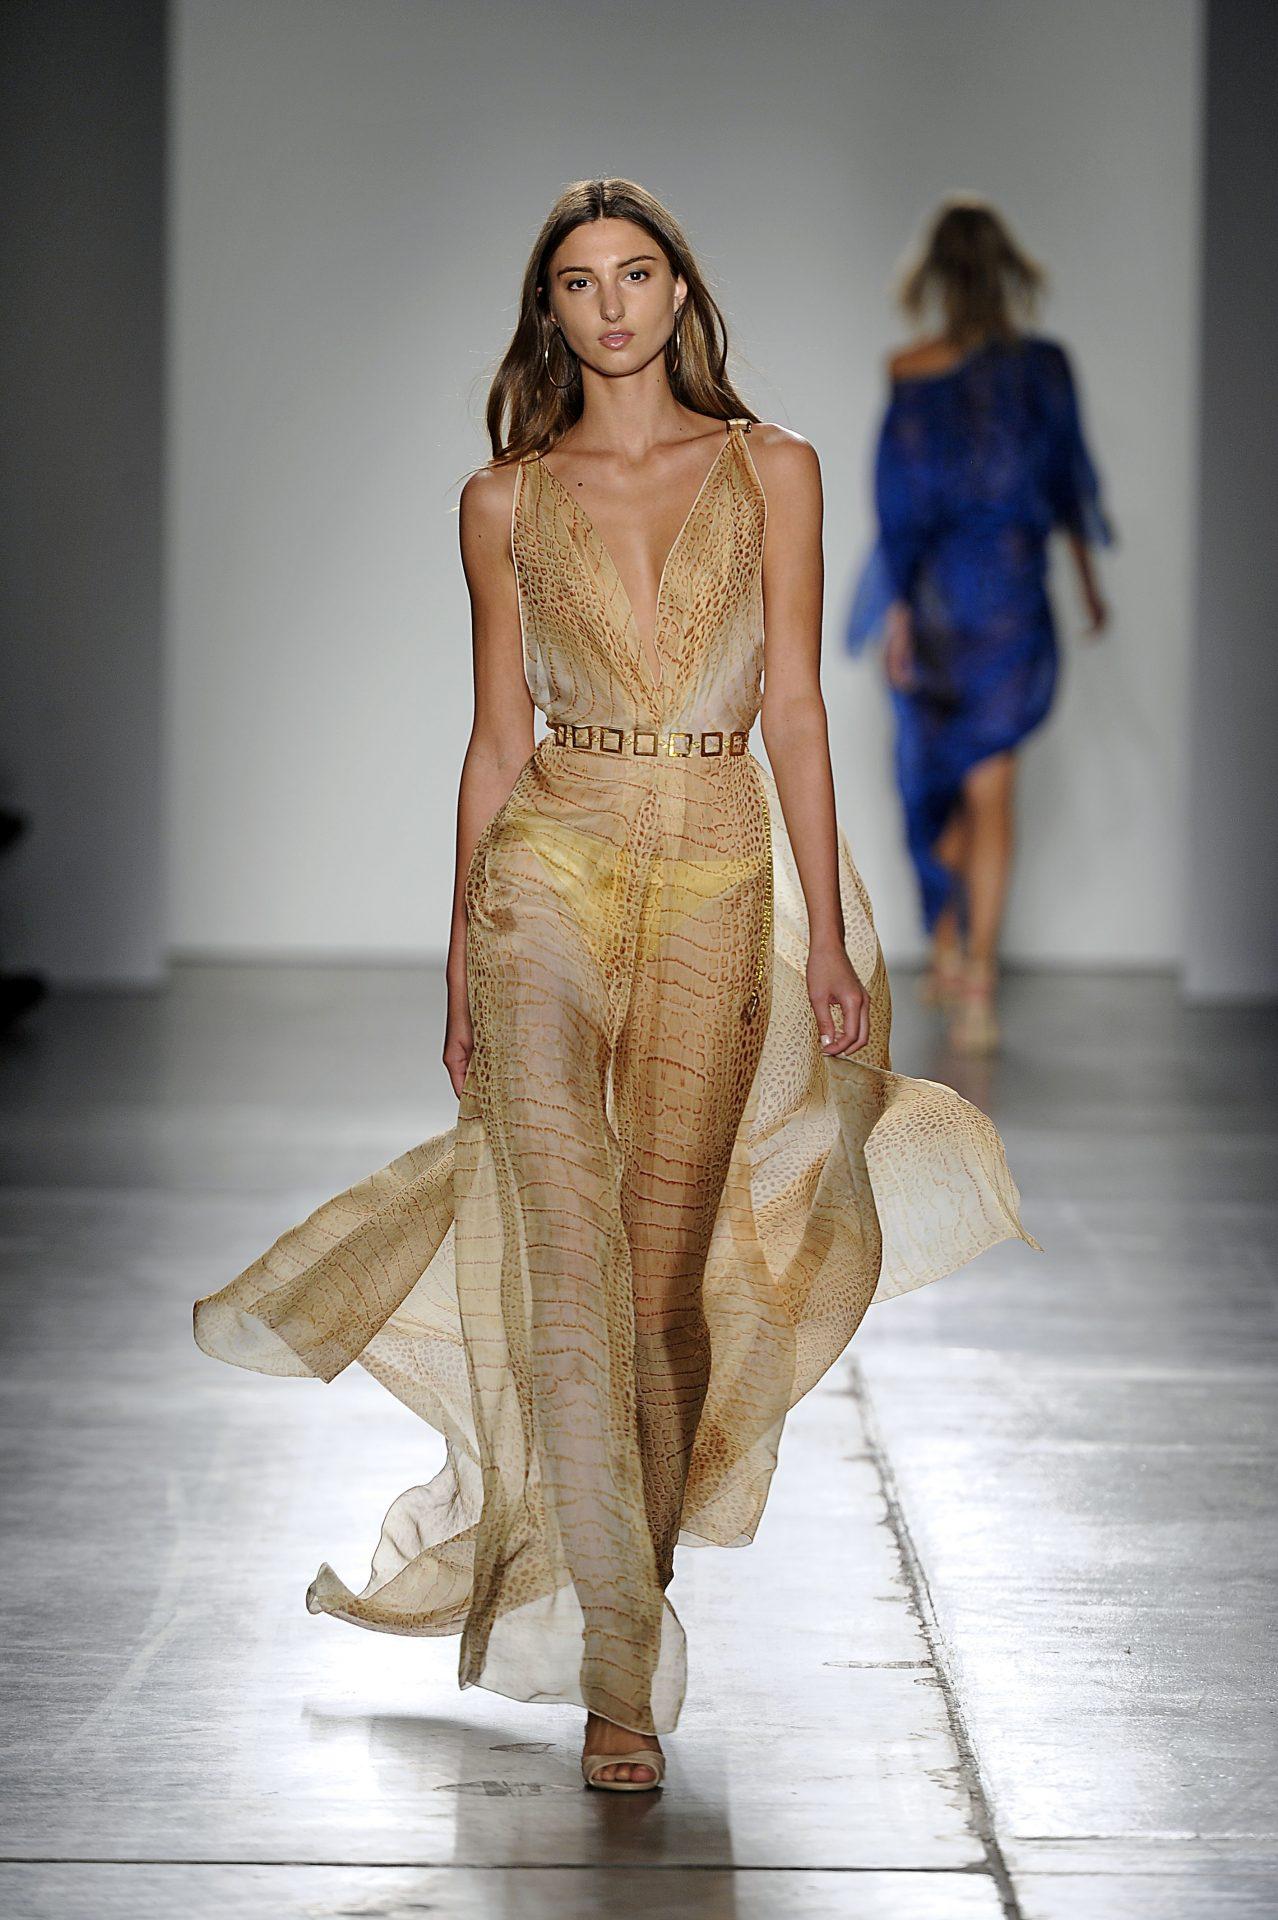 Fashion Palette 1st Show Spring 2016 New York City September 10, 2015